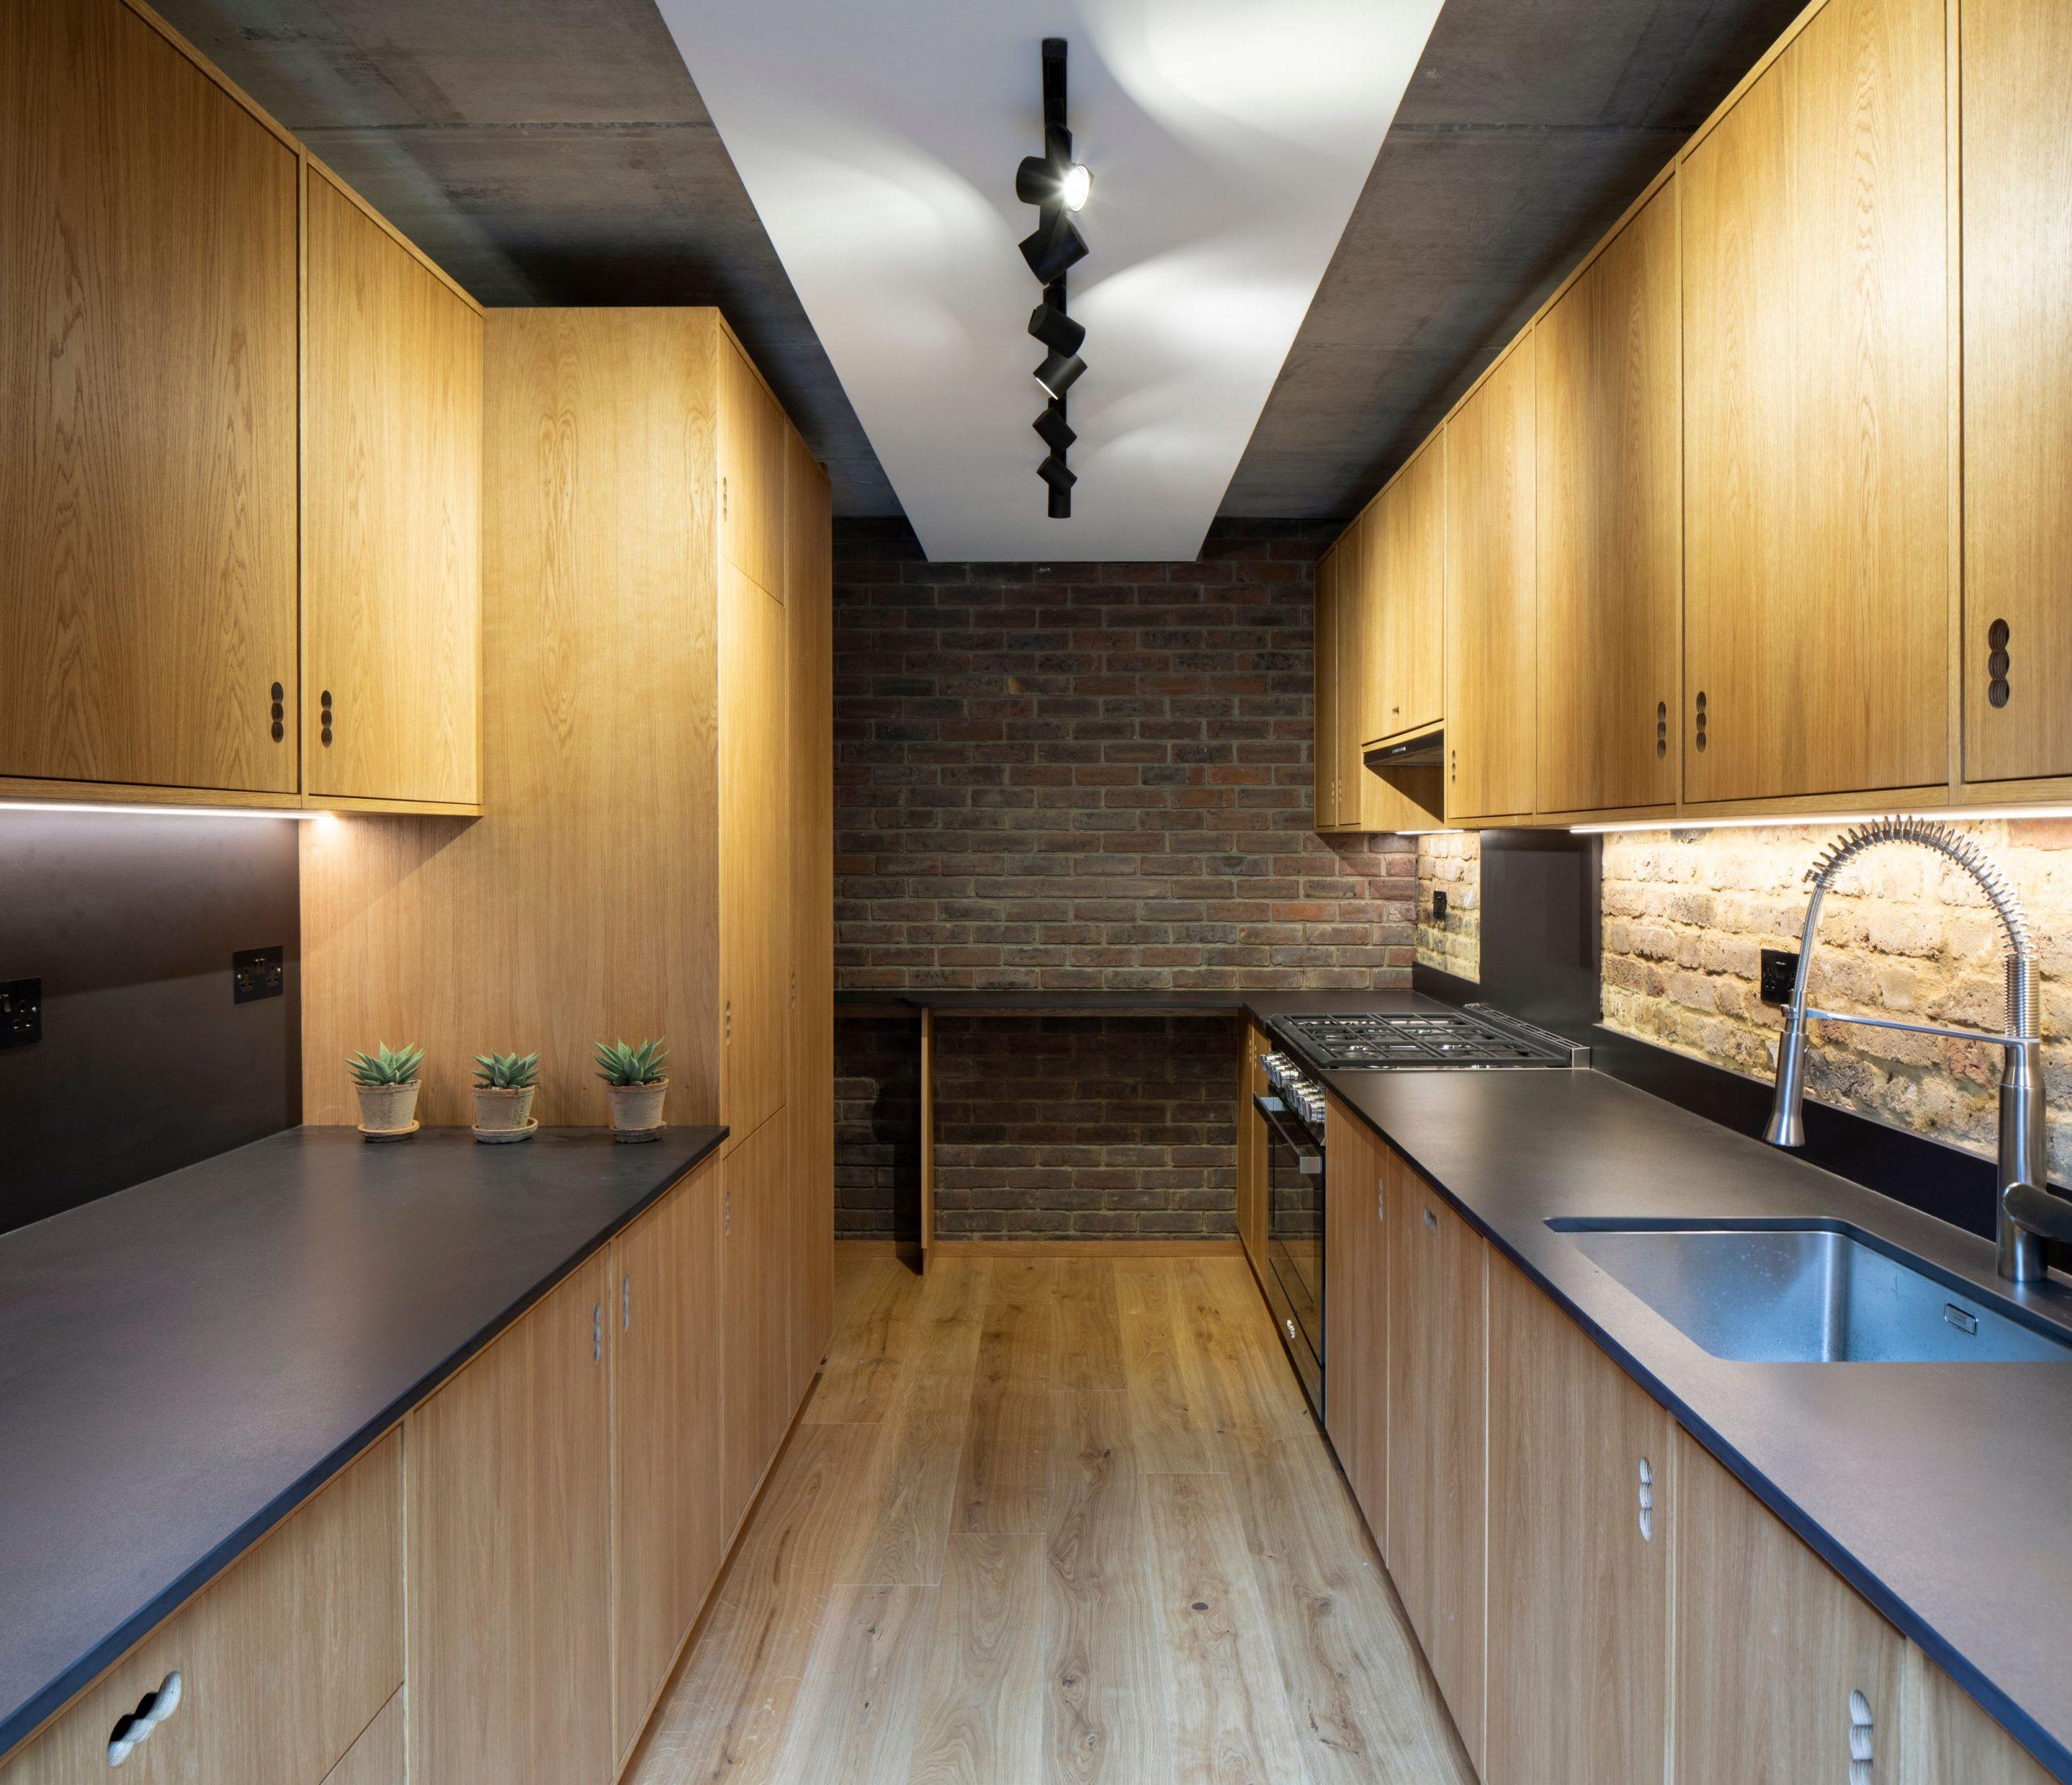 Tehlová kuchyňa s drevenou linkou